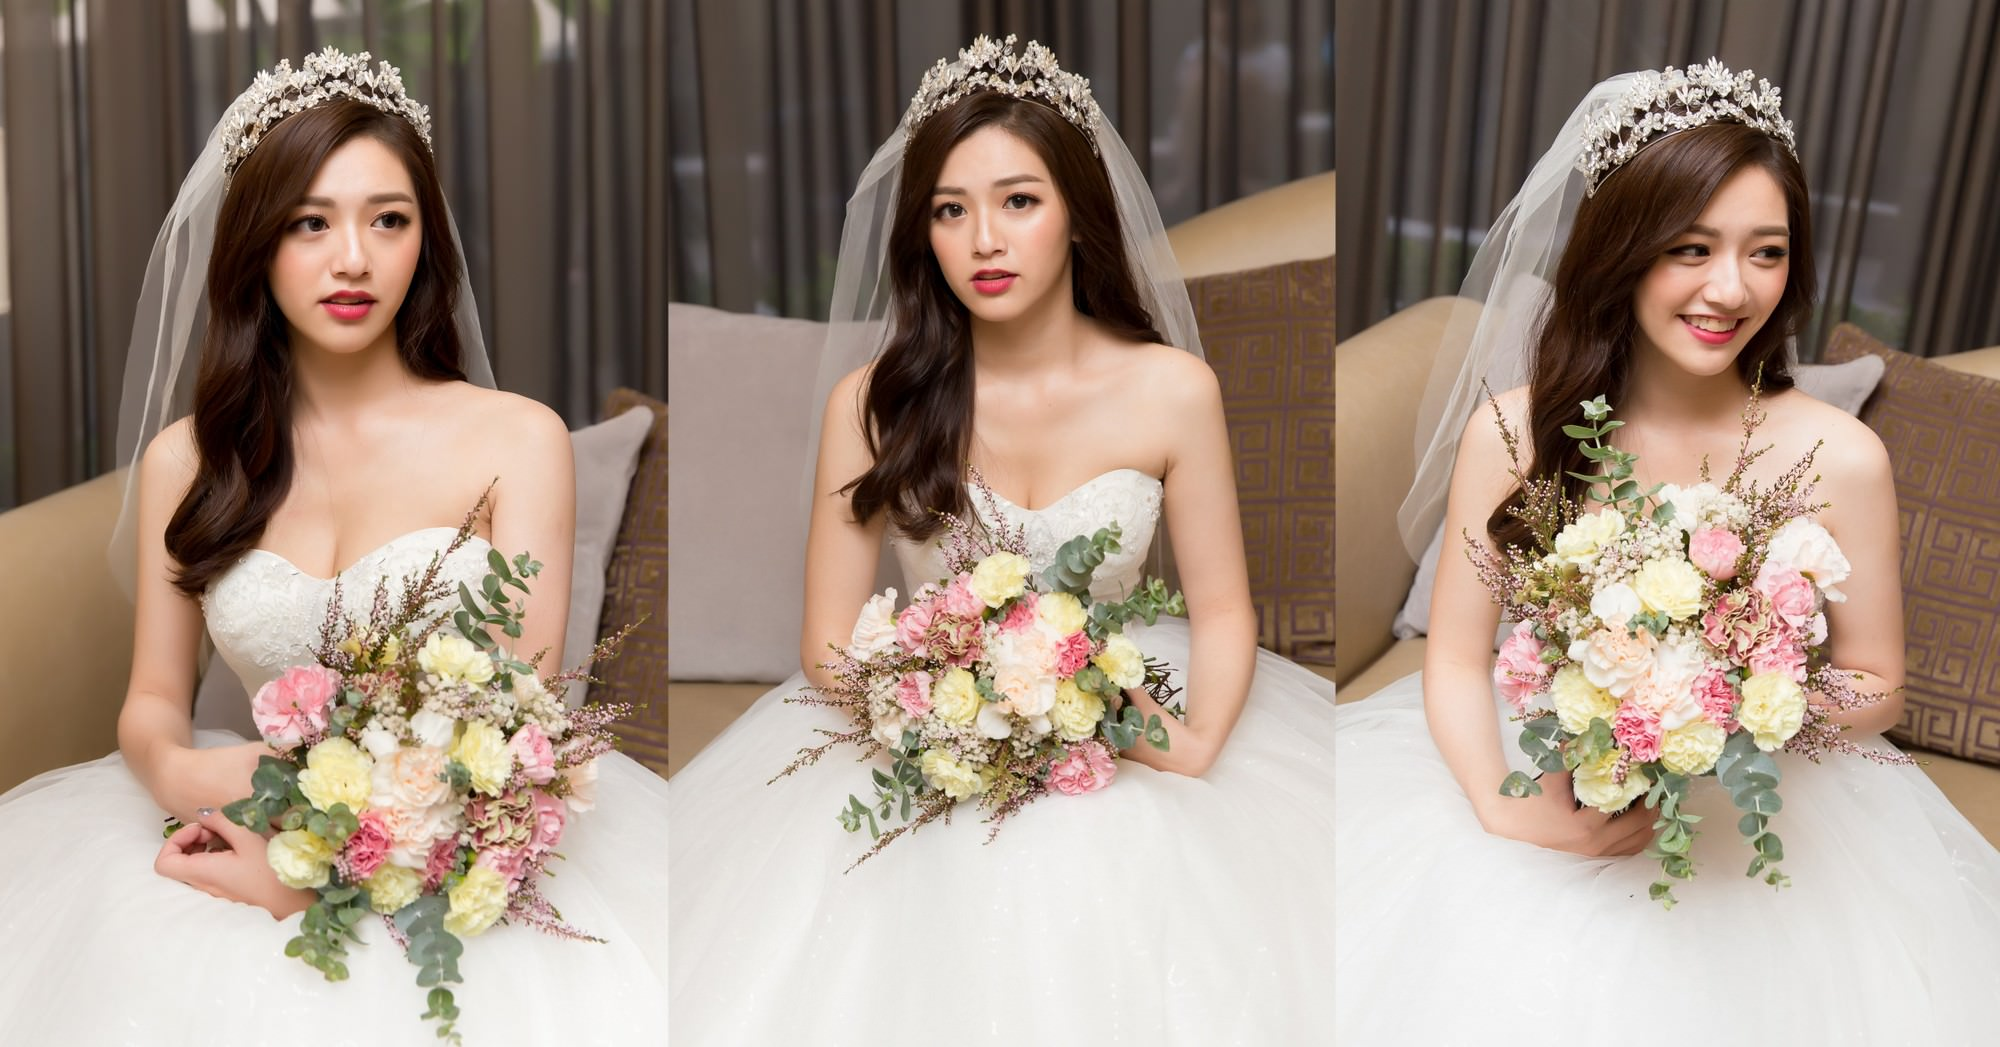 新娘秘書,新秘,新娘造型,新娘髮型,新娘妝容,高雄新秘,wedding hairstyle, 皇冠造型, 華麗風, 白紗造型, 素人改造